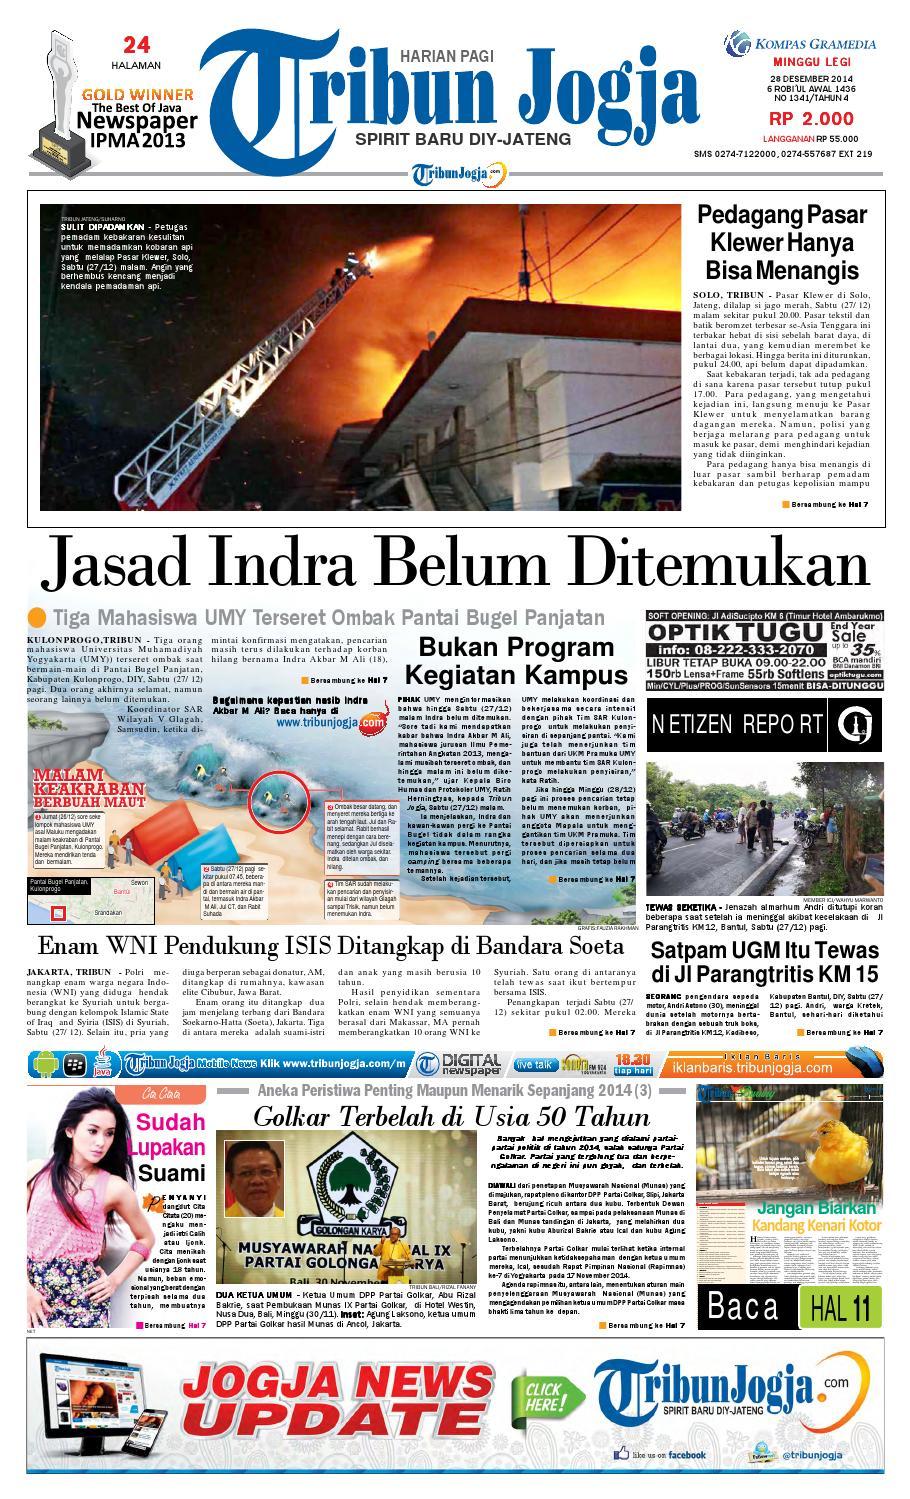 Tribunjogja 28 12 2014 By Tribun Jogja Issuu Produk Ukm Bumn Kain Batik Eksklusif Lasem Manuk